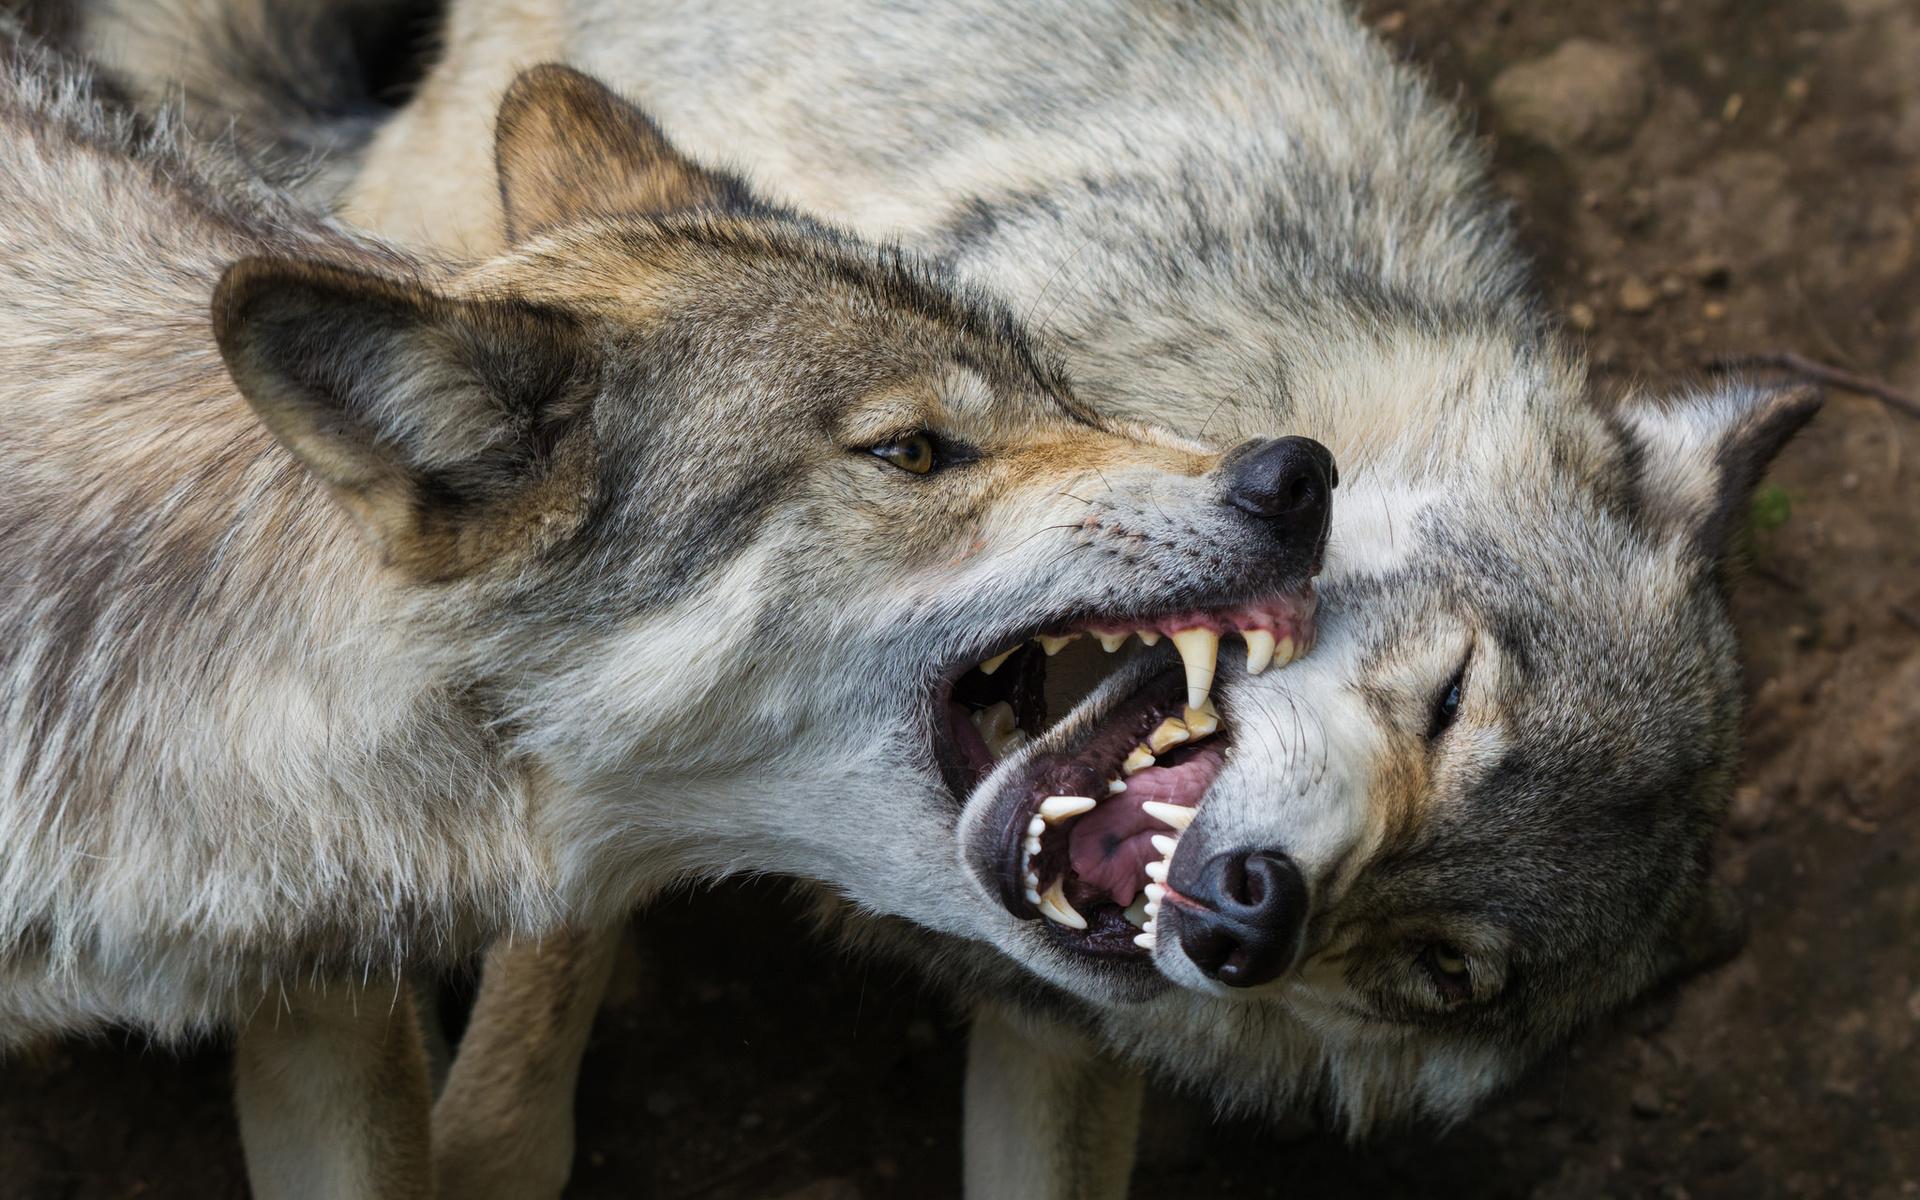 картинки волк с оскаленной пастью замечательно